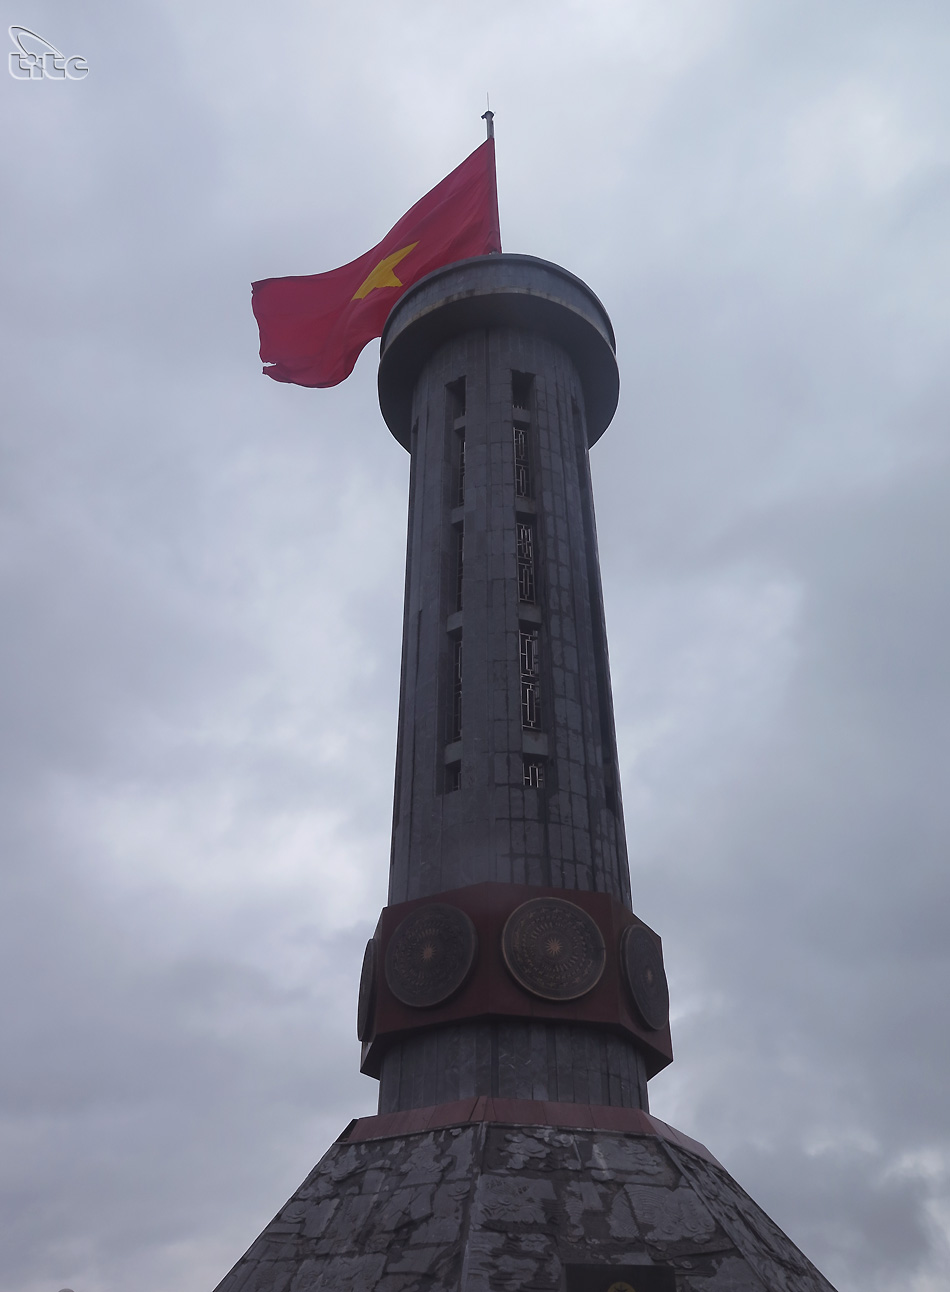 Cột cờ Lũng Cú là một cột cờ quốc gia nằm trên đỉnh Lũng Cú hay còn gọi là núi Rồng (Long Sơn), có tọa độ 23°21'49'' vĩ bắc, 105°18'58'' kinh đông, nơi điểm cực bắc Việt Nam